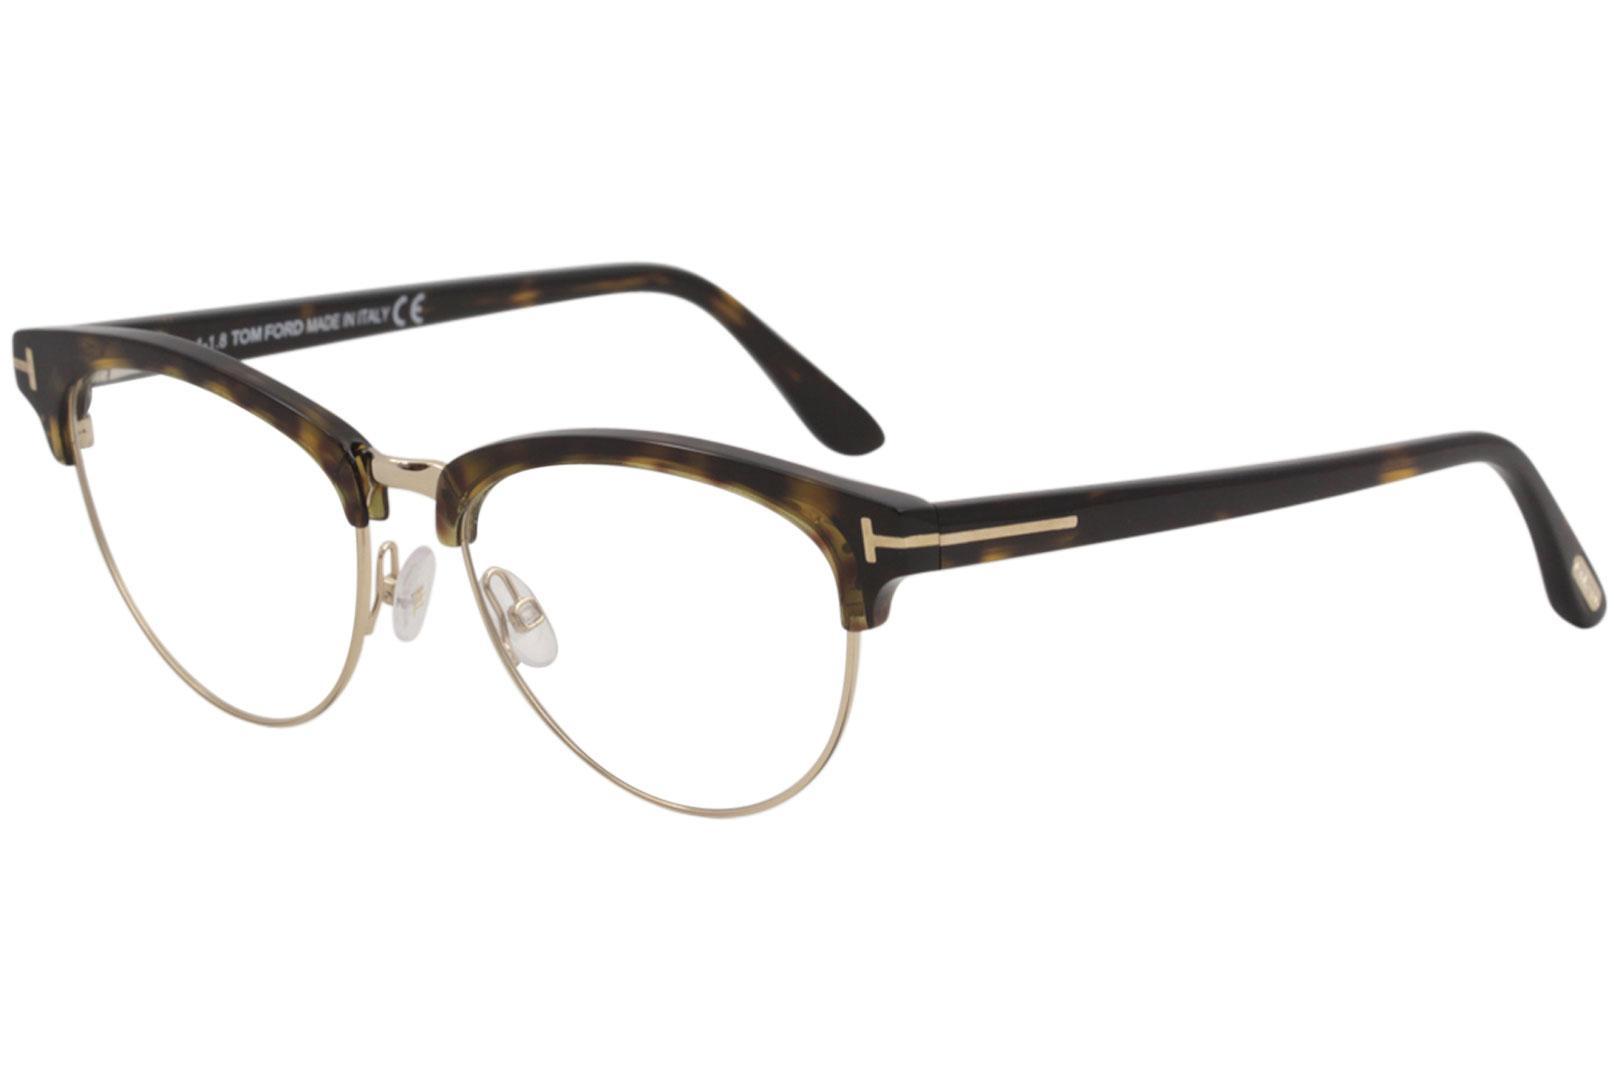 4705dec7423 Tom Ford Women s Eyeglasses TF5471 TF 5471 Full Rim Optical Frame